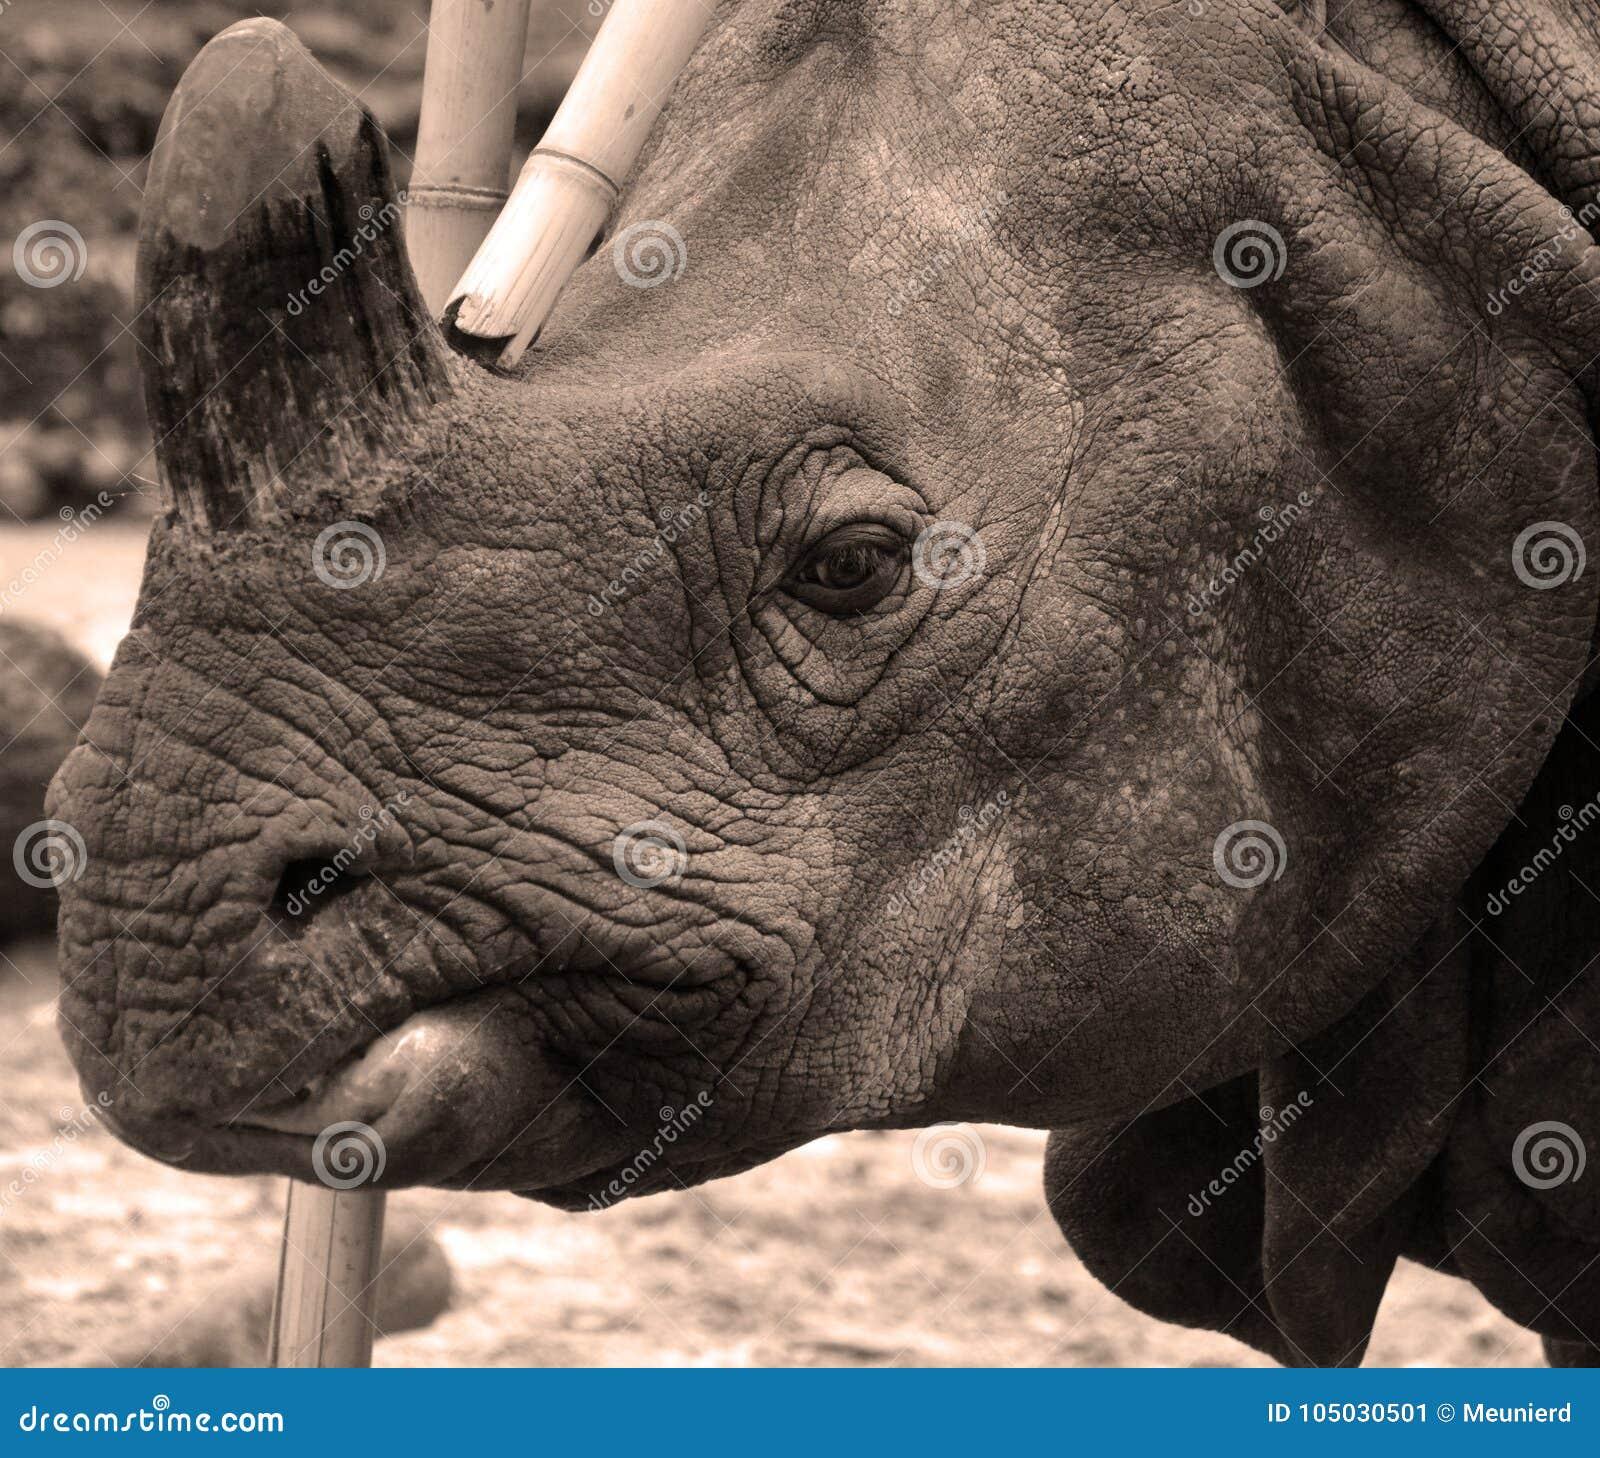 De Indische rinoceros